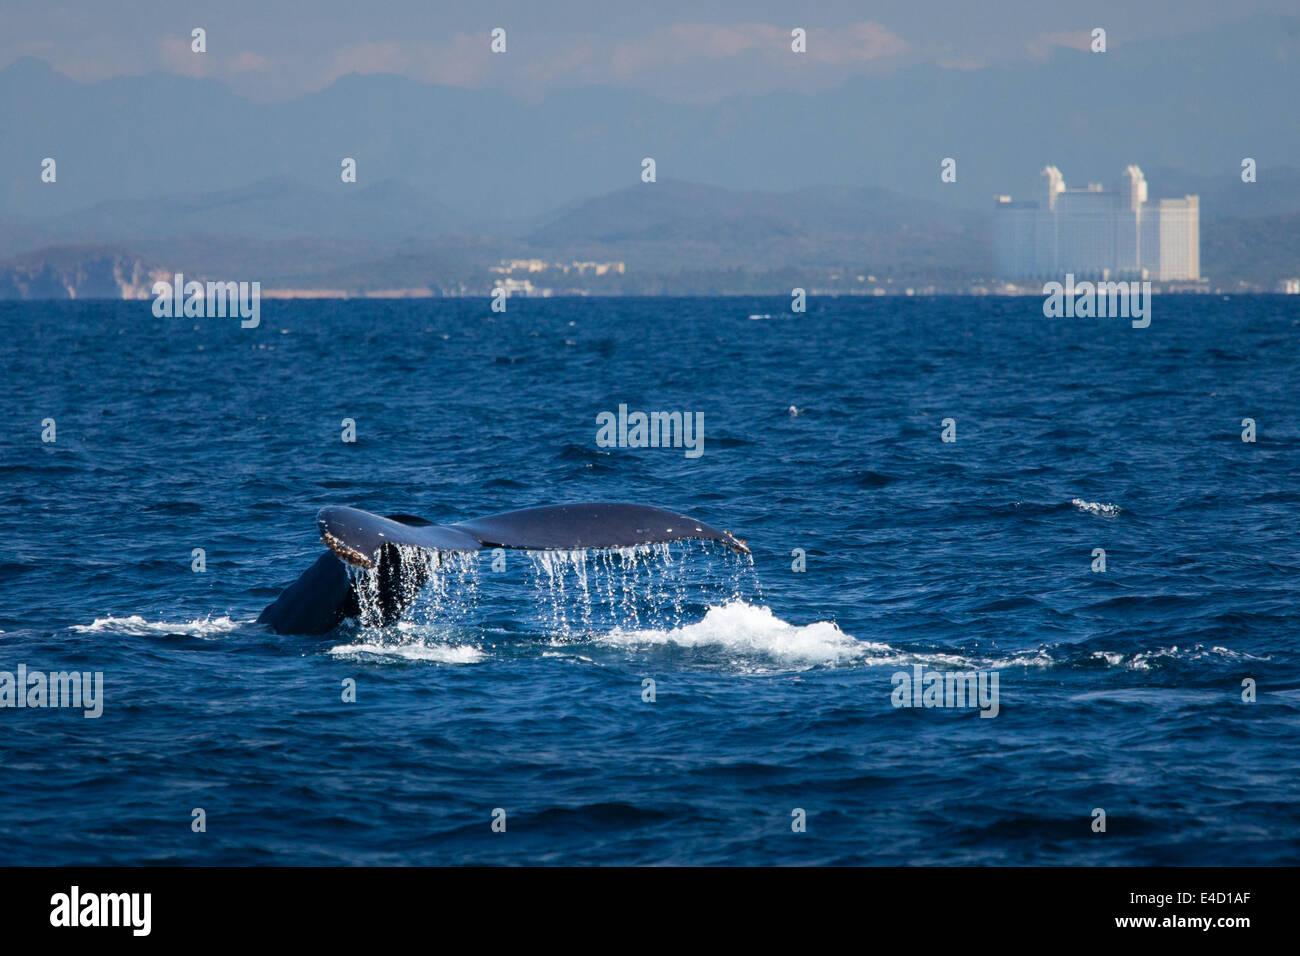 La coda di una megattera scompare in mare nei pressi di Mazatlan, Sinaloa, Messico. Immagini Stock